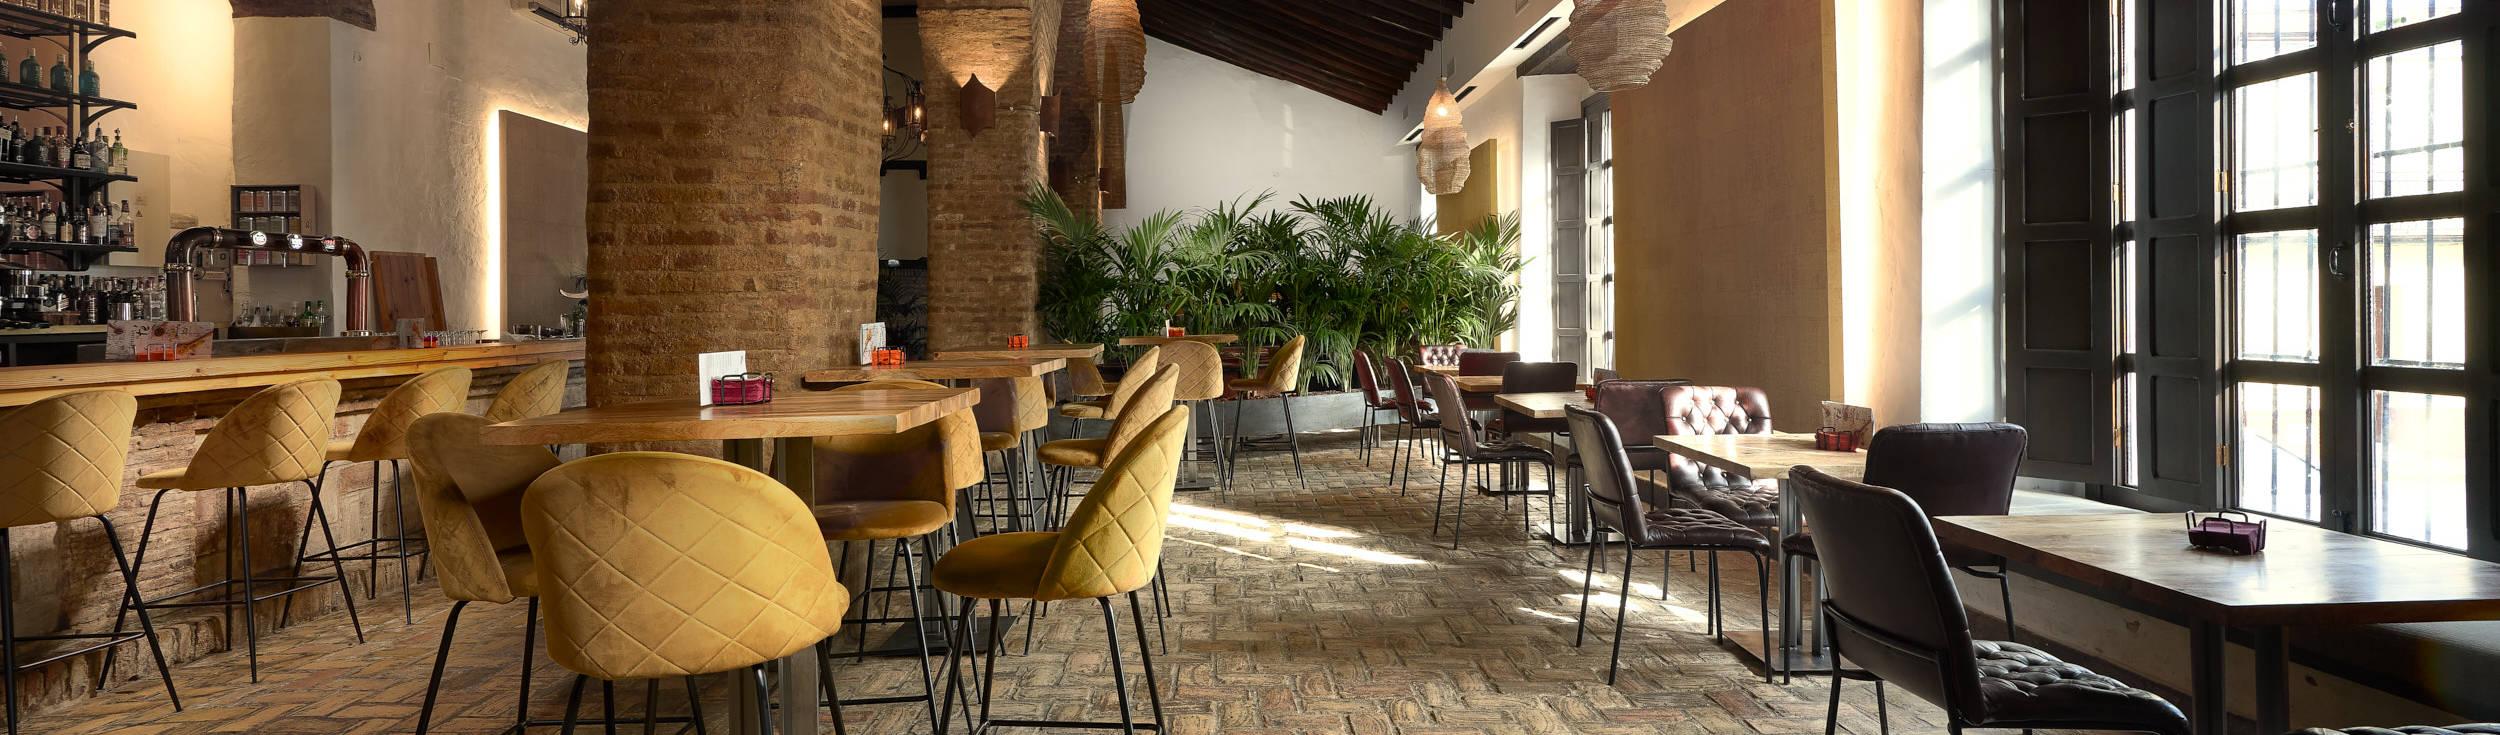 Antonio Calzado <q>NEUTTRO</q> Diseño Interior